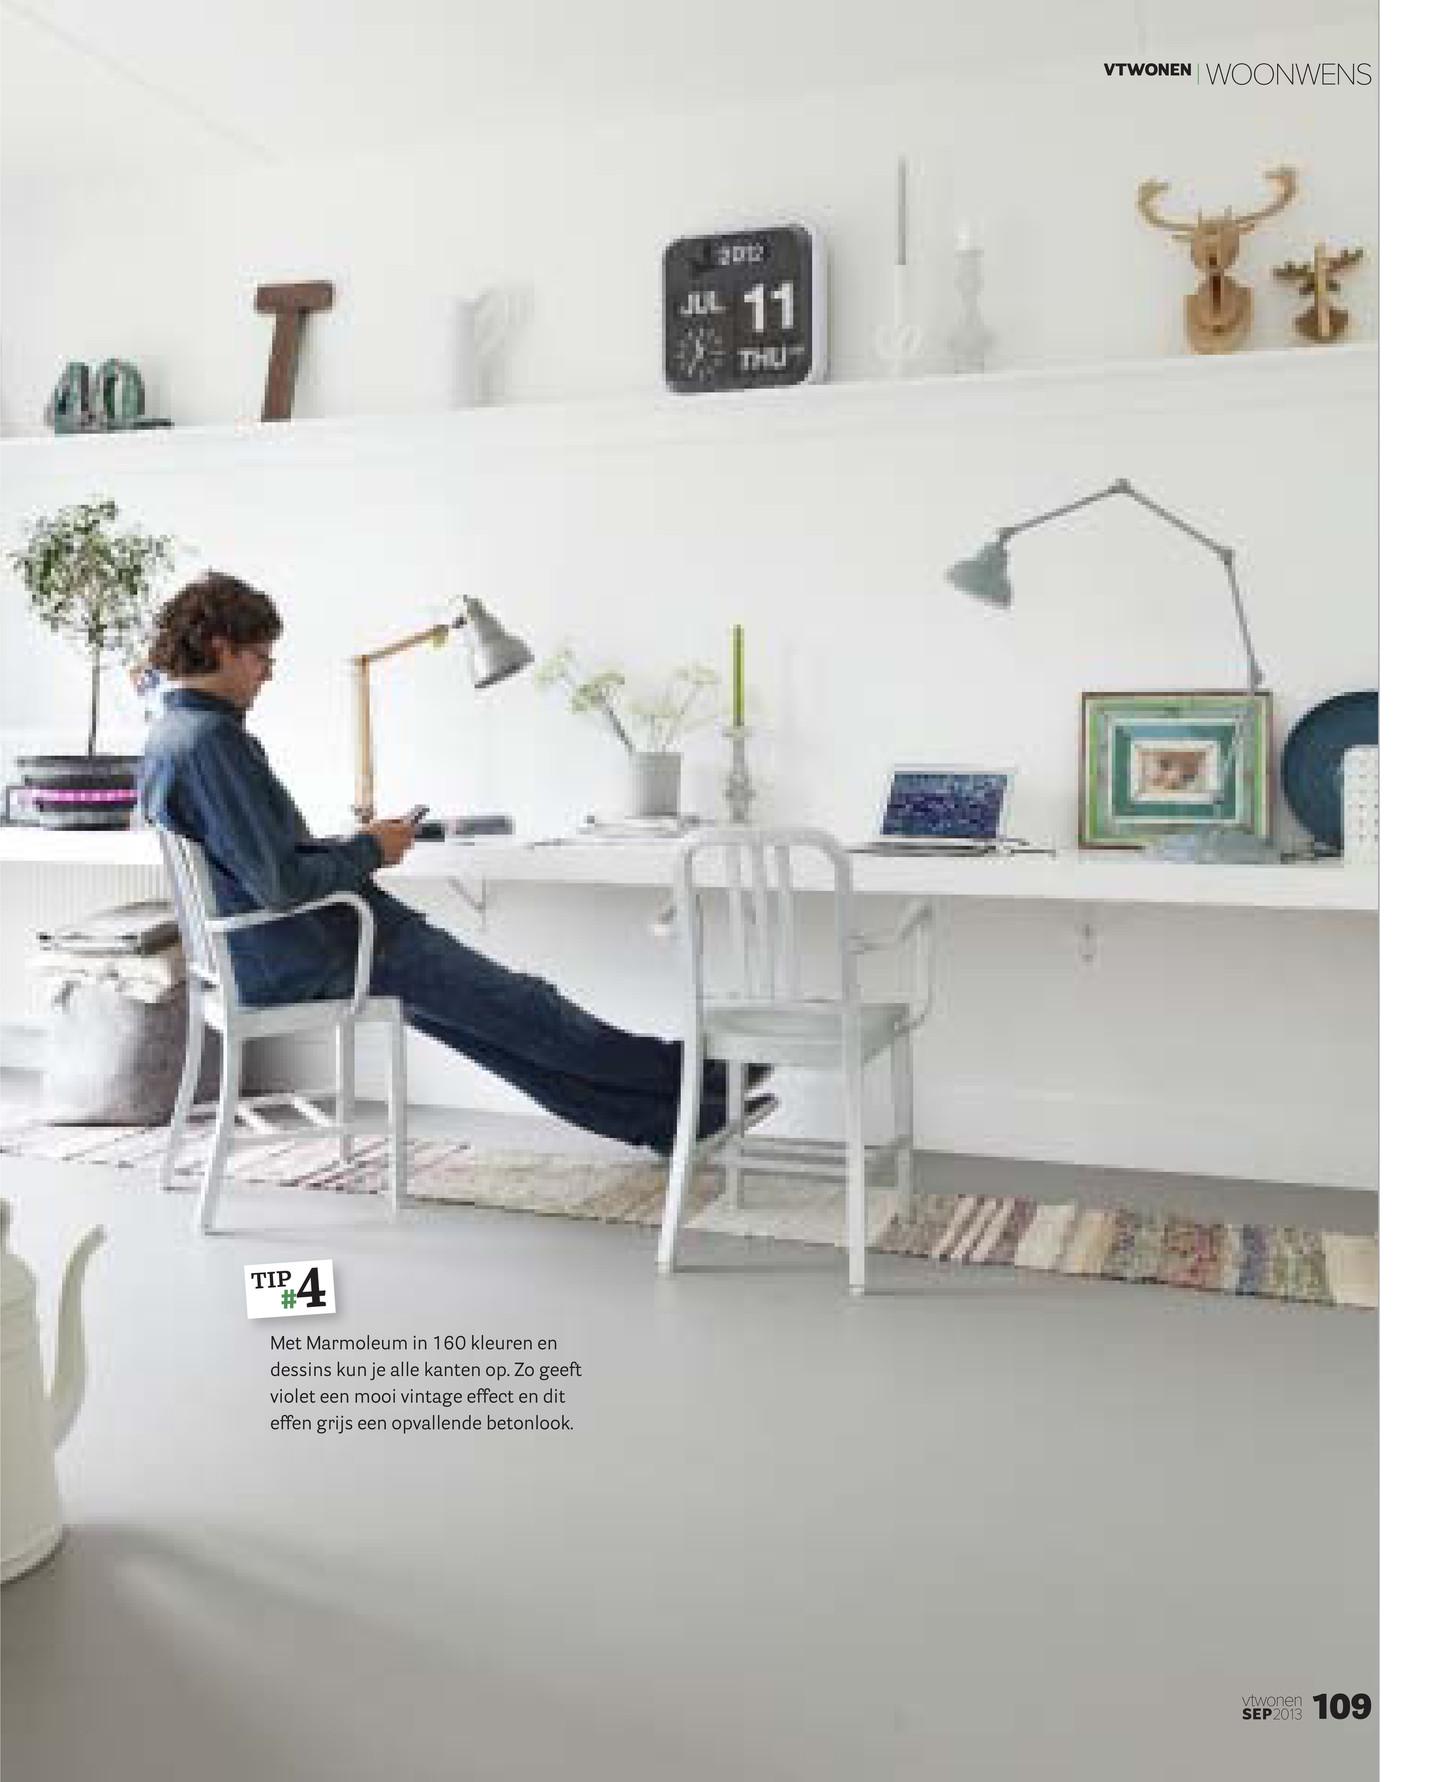 Whirlpool Bad Zelf Maken ~ Woonkamer Ideeen Vtwonen Moderne keuken ideeen vt wonen idee?n uw